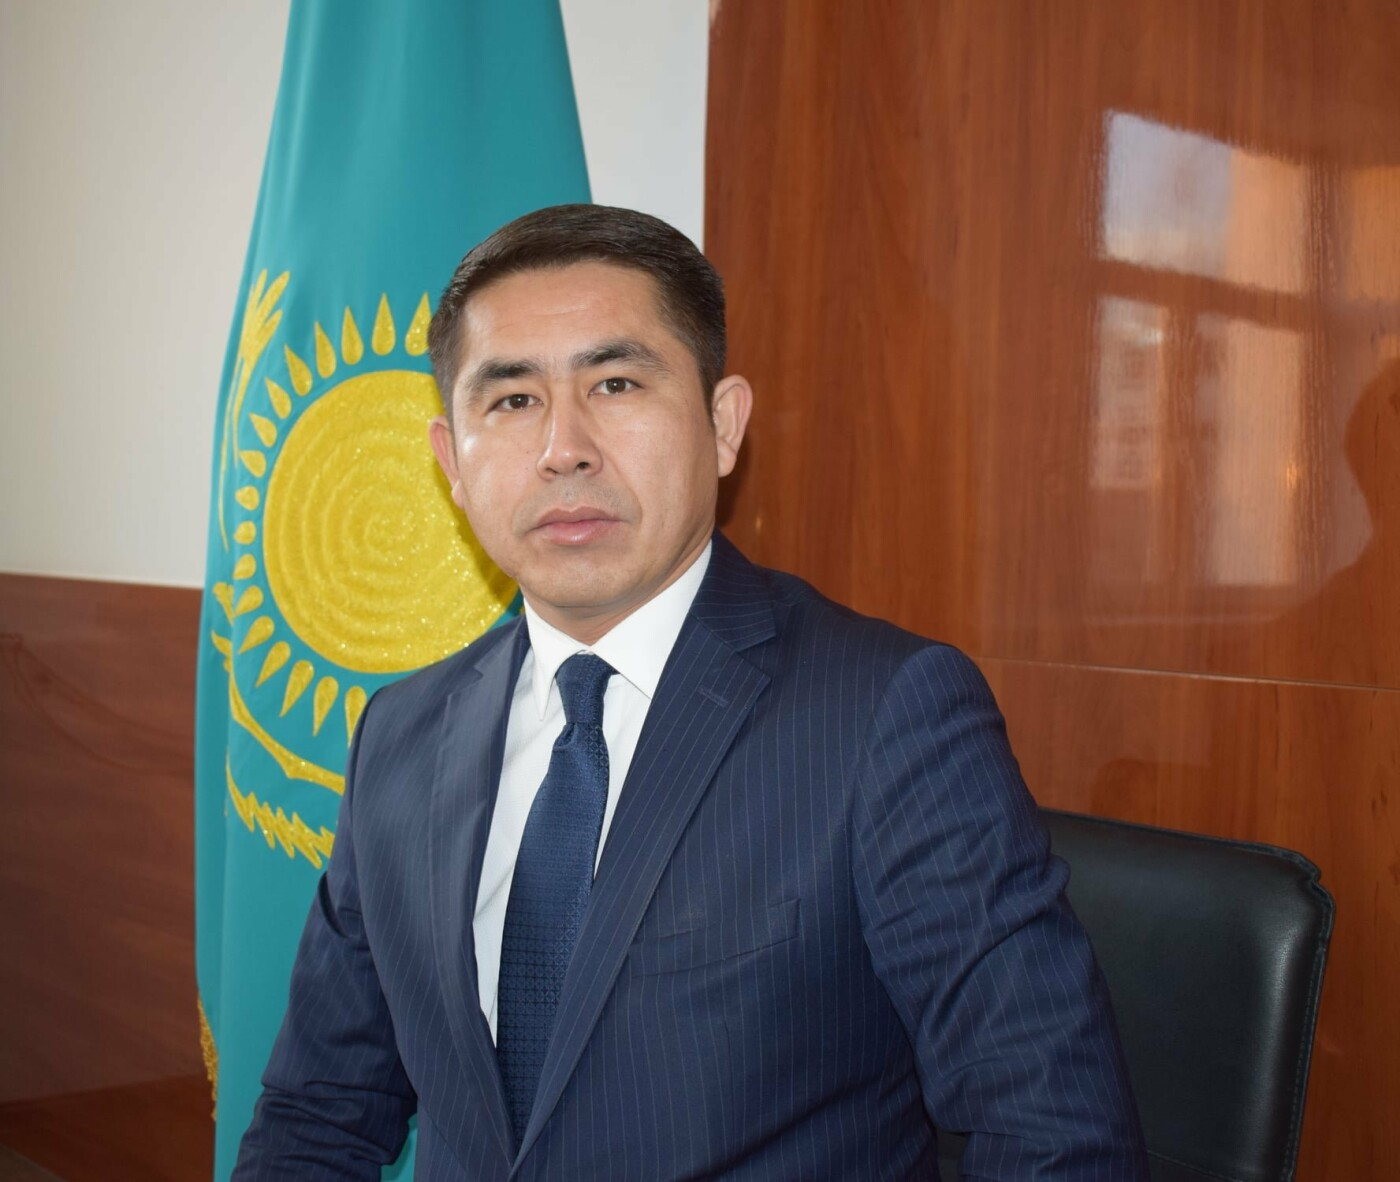 Руководителя городского отдела строительства назначили в Атырау, фото-1